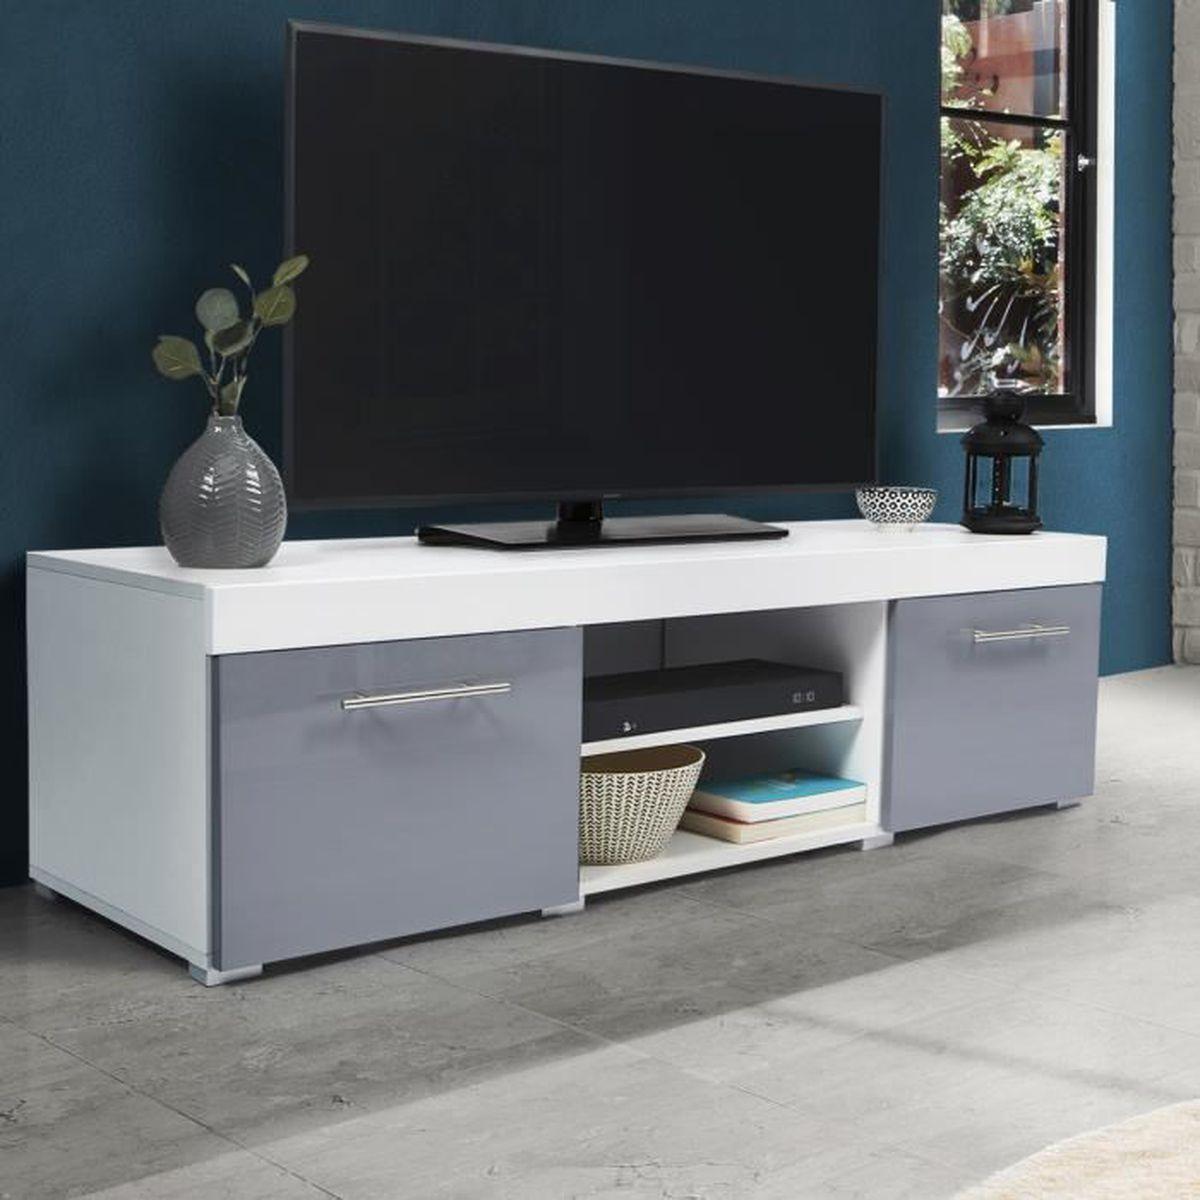 Meuble Tv Avec Barre De Son meuble tv contemporain portland blanc et gris - achat